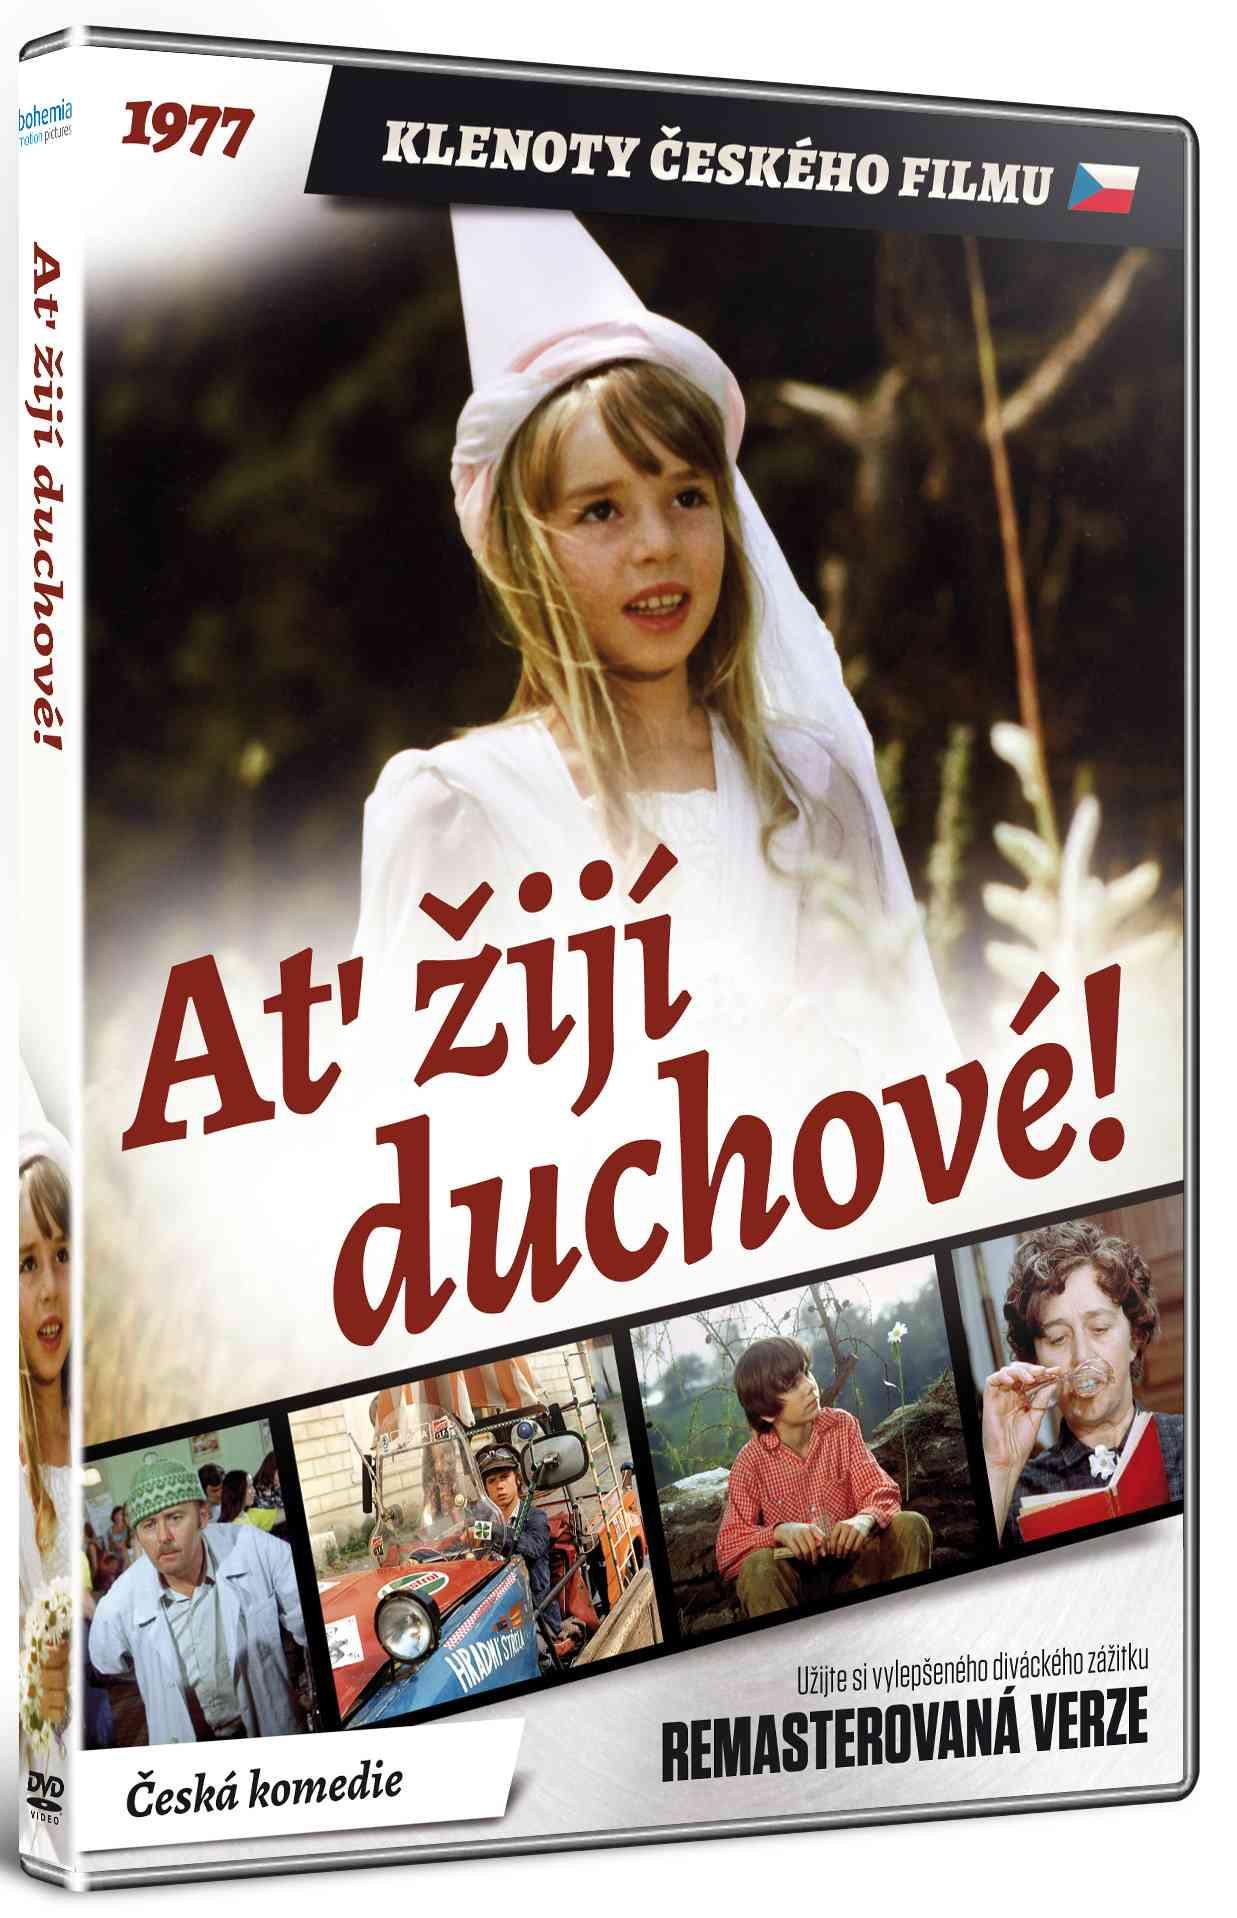 Ať žijí duchové! (Remasterovaná verze) - DVD